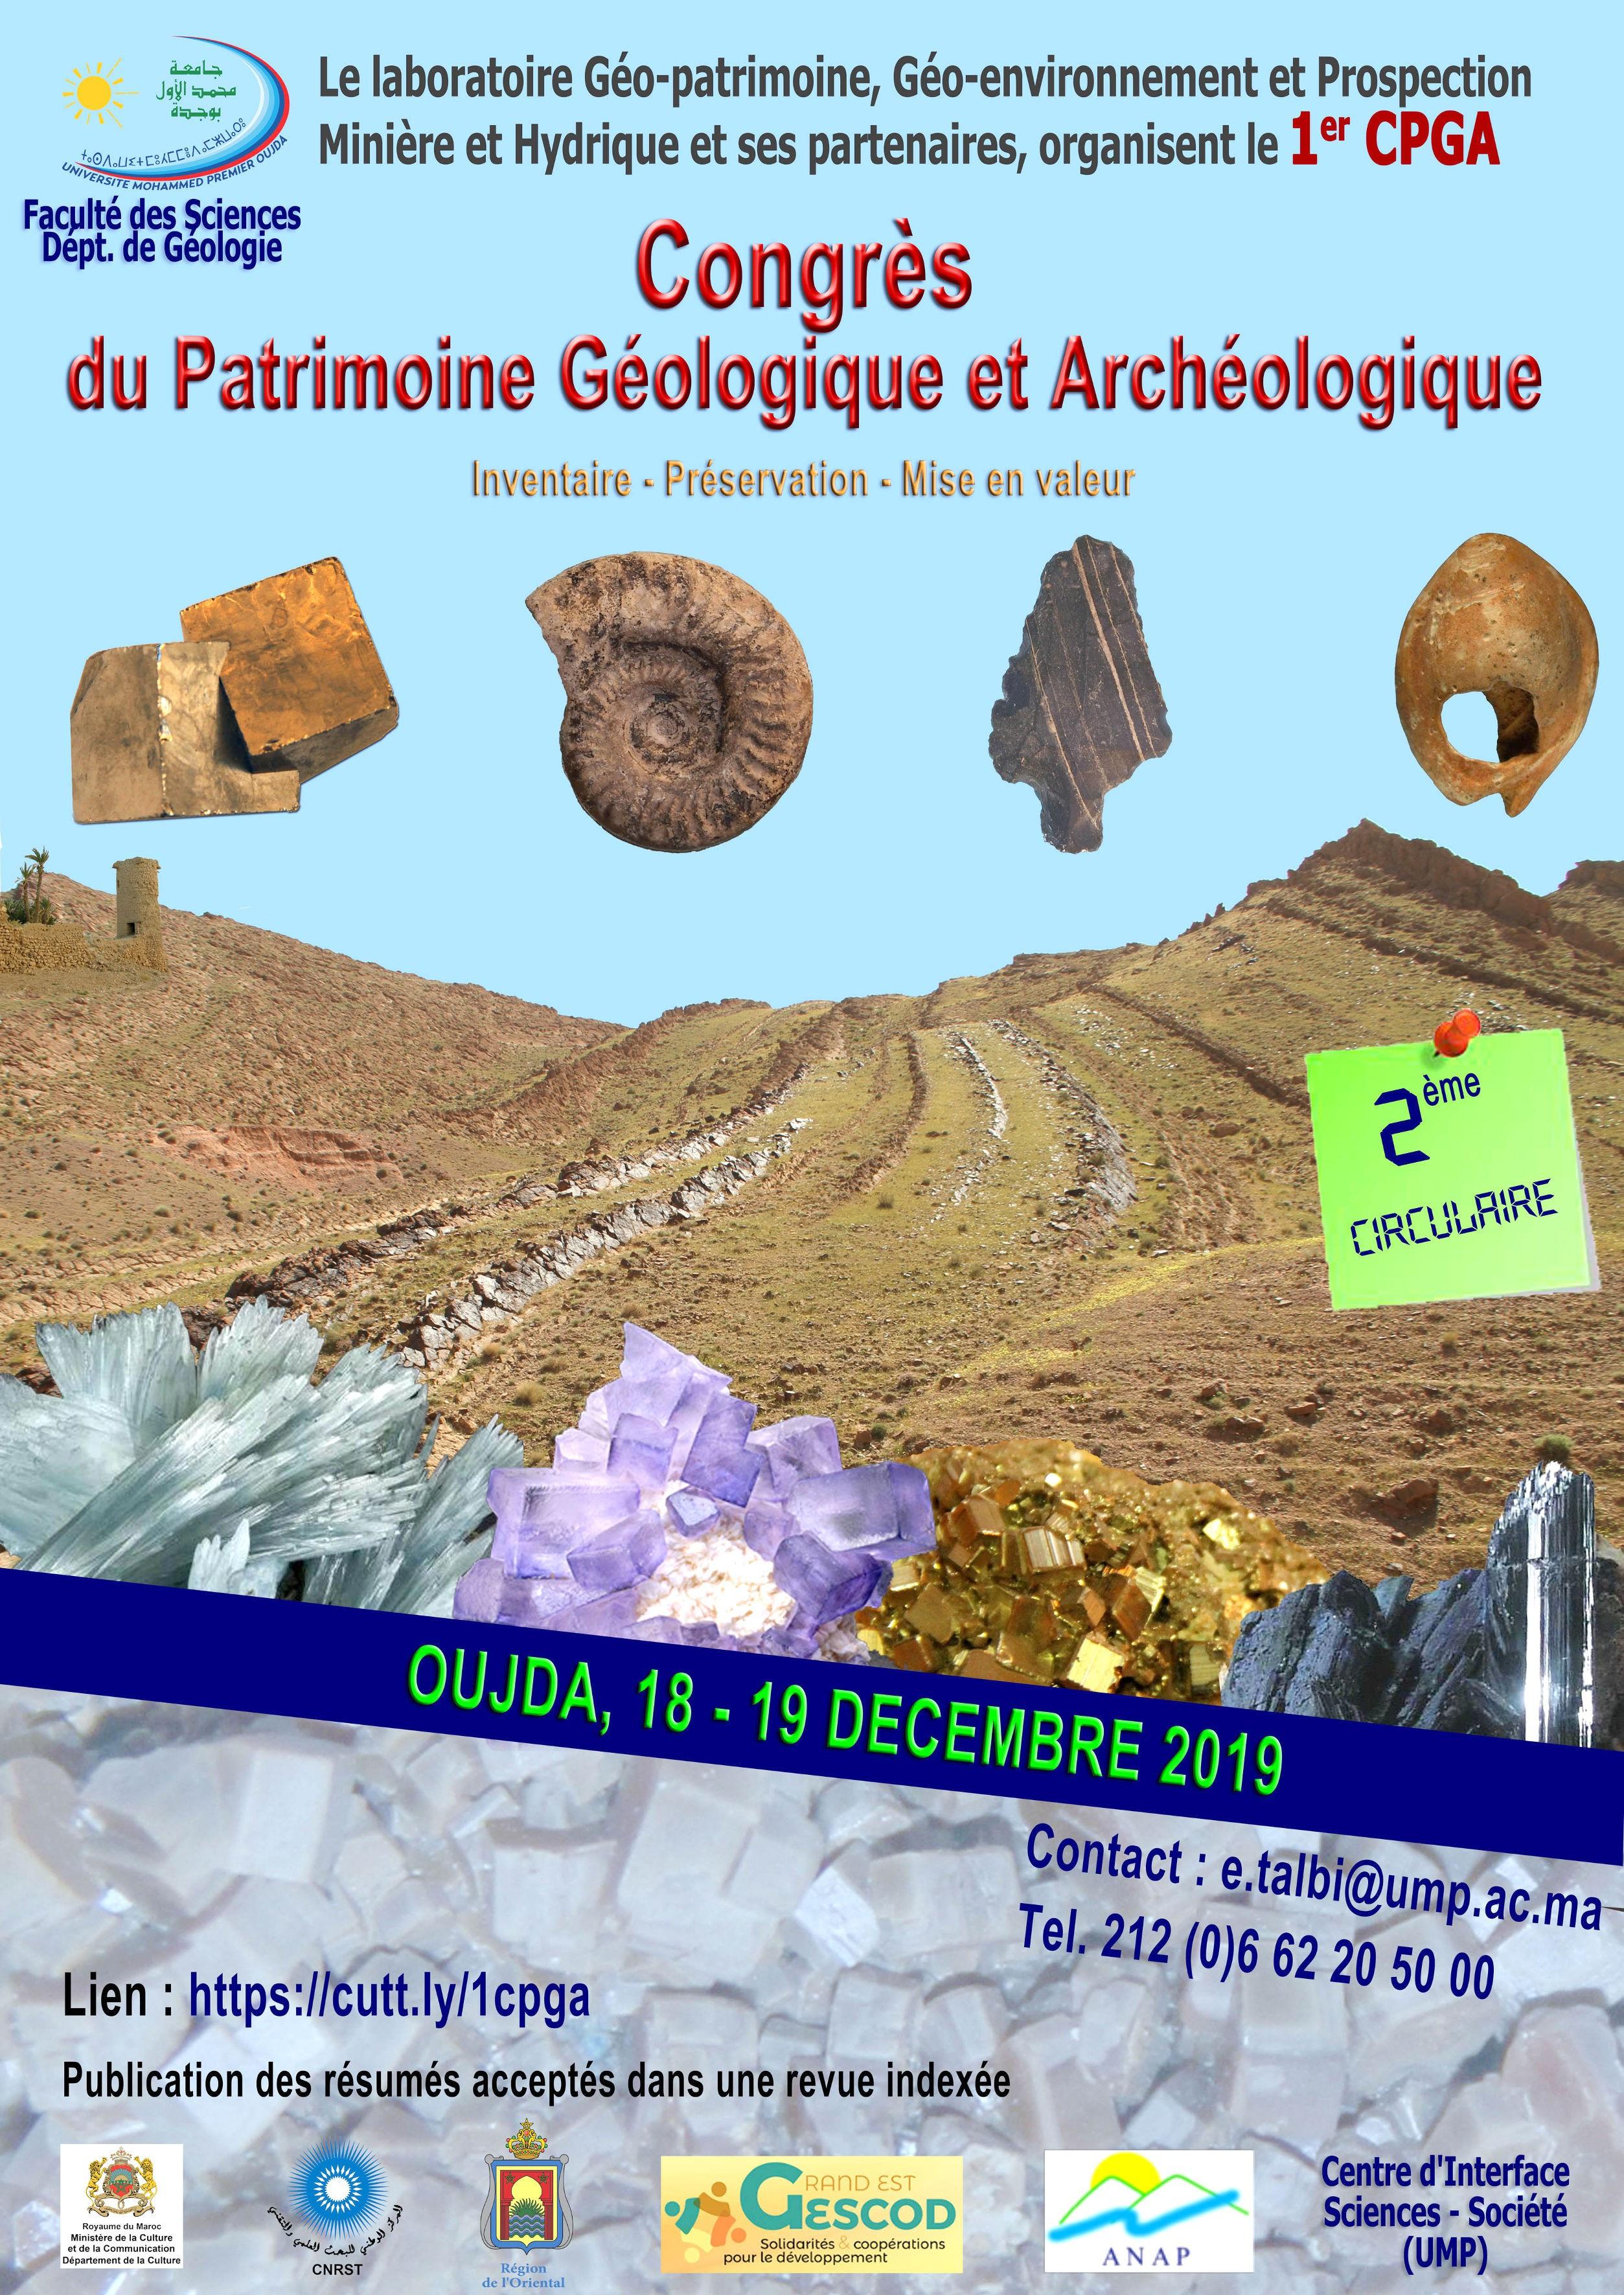 Congrès du Patrimoine Géologique et Archéologique (CPGA)